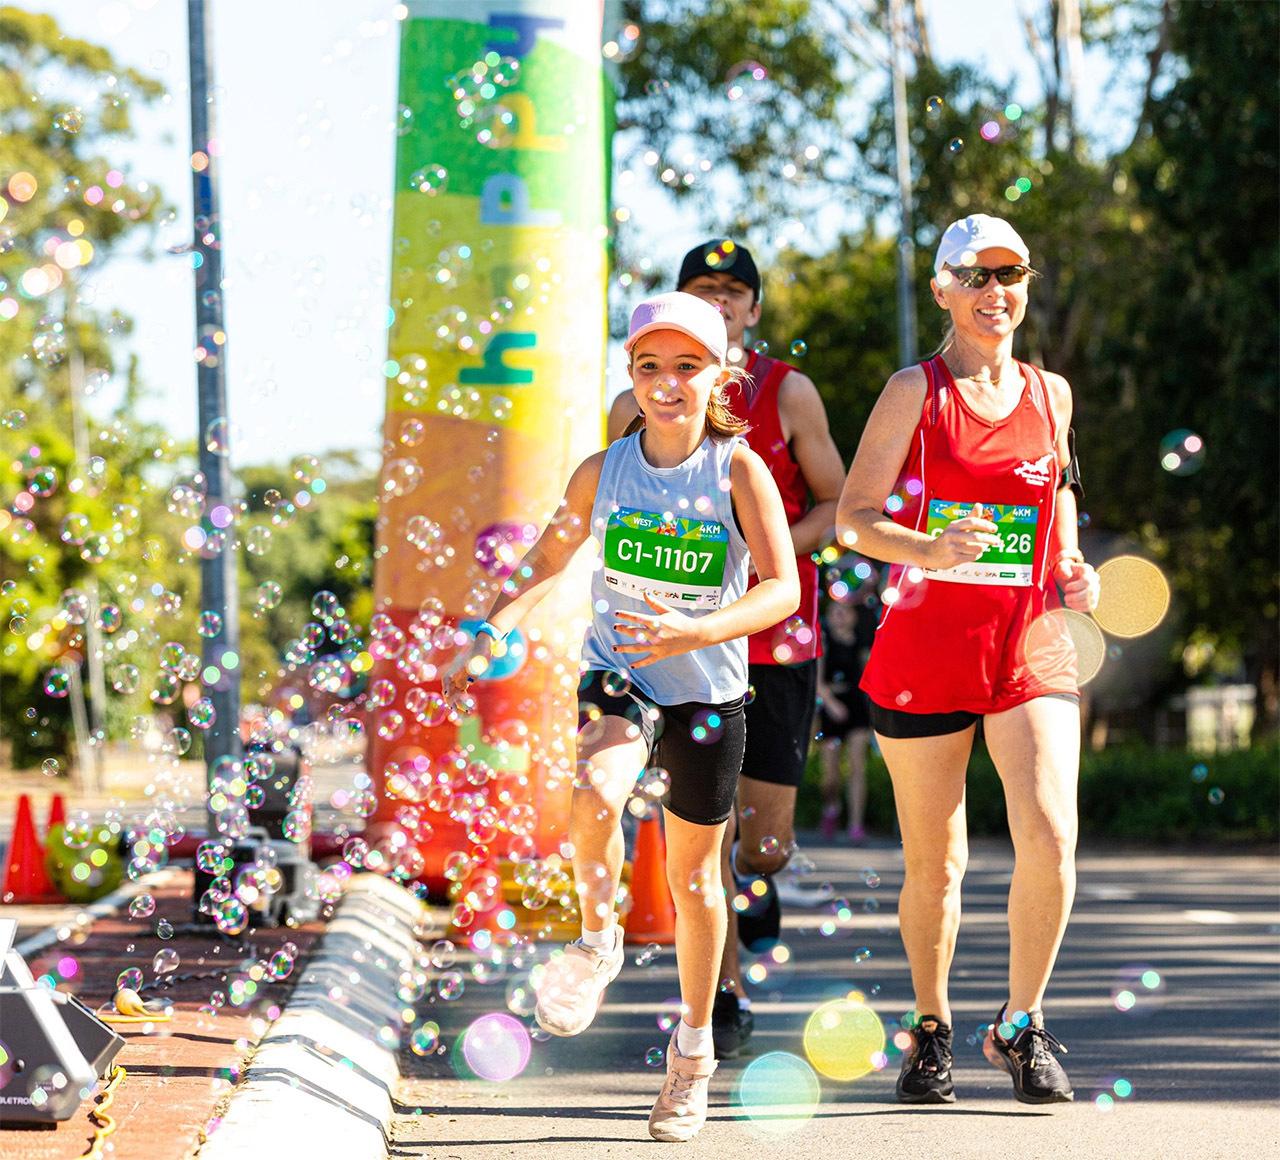 Run-West-bobler-foto-thesundaylongrun.jpg